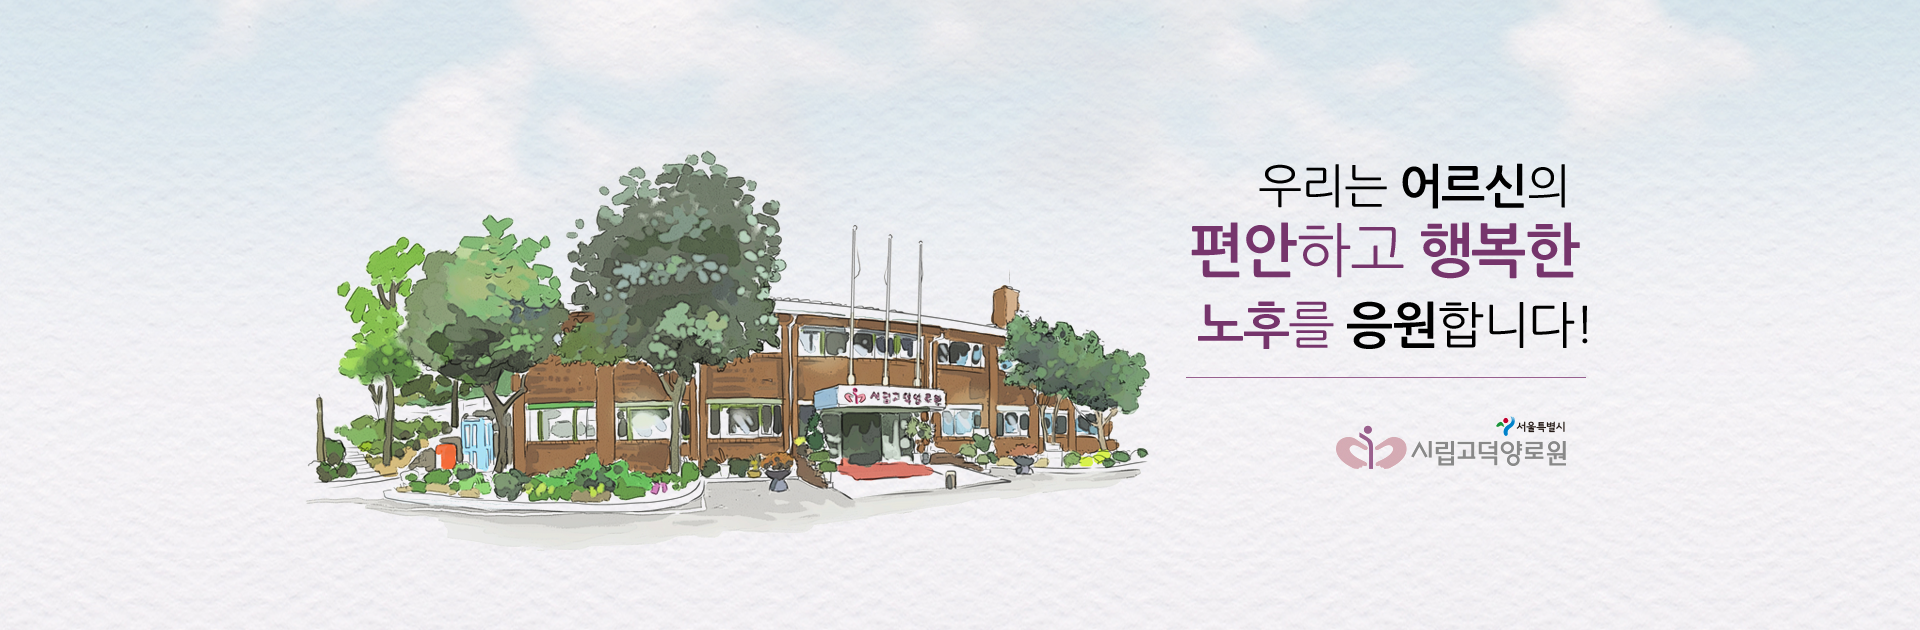 서울시립 고덕양로원은 어르신의 편안하고 행복한 노후를 응원합니다!